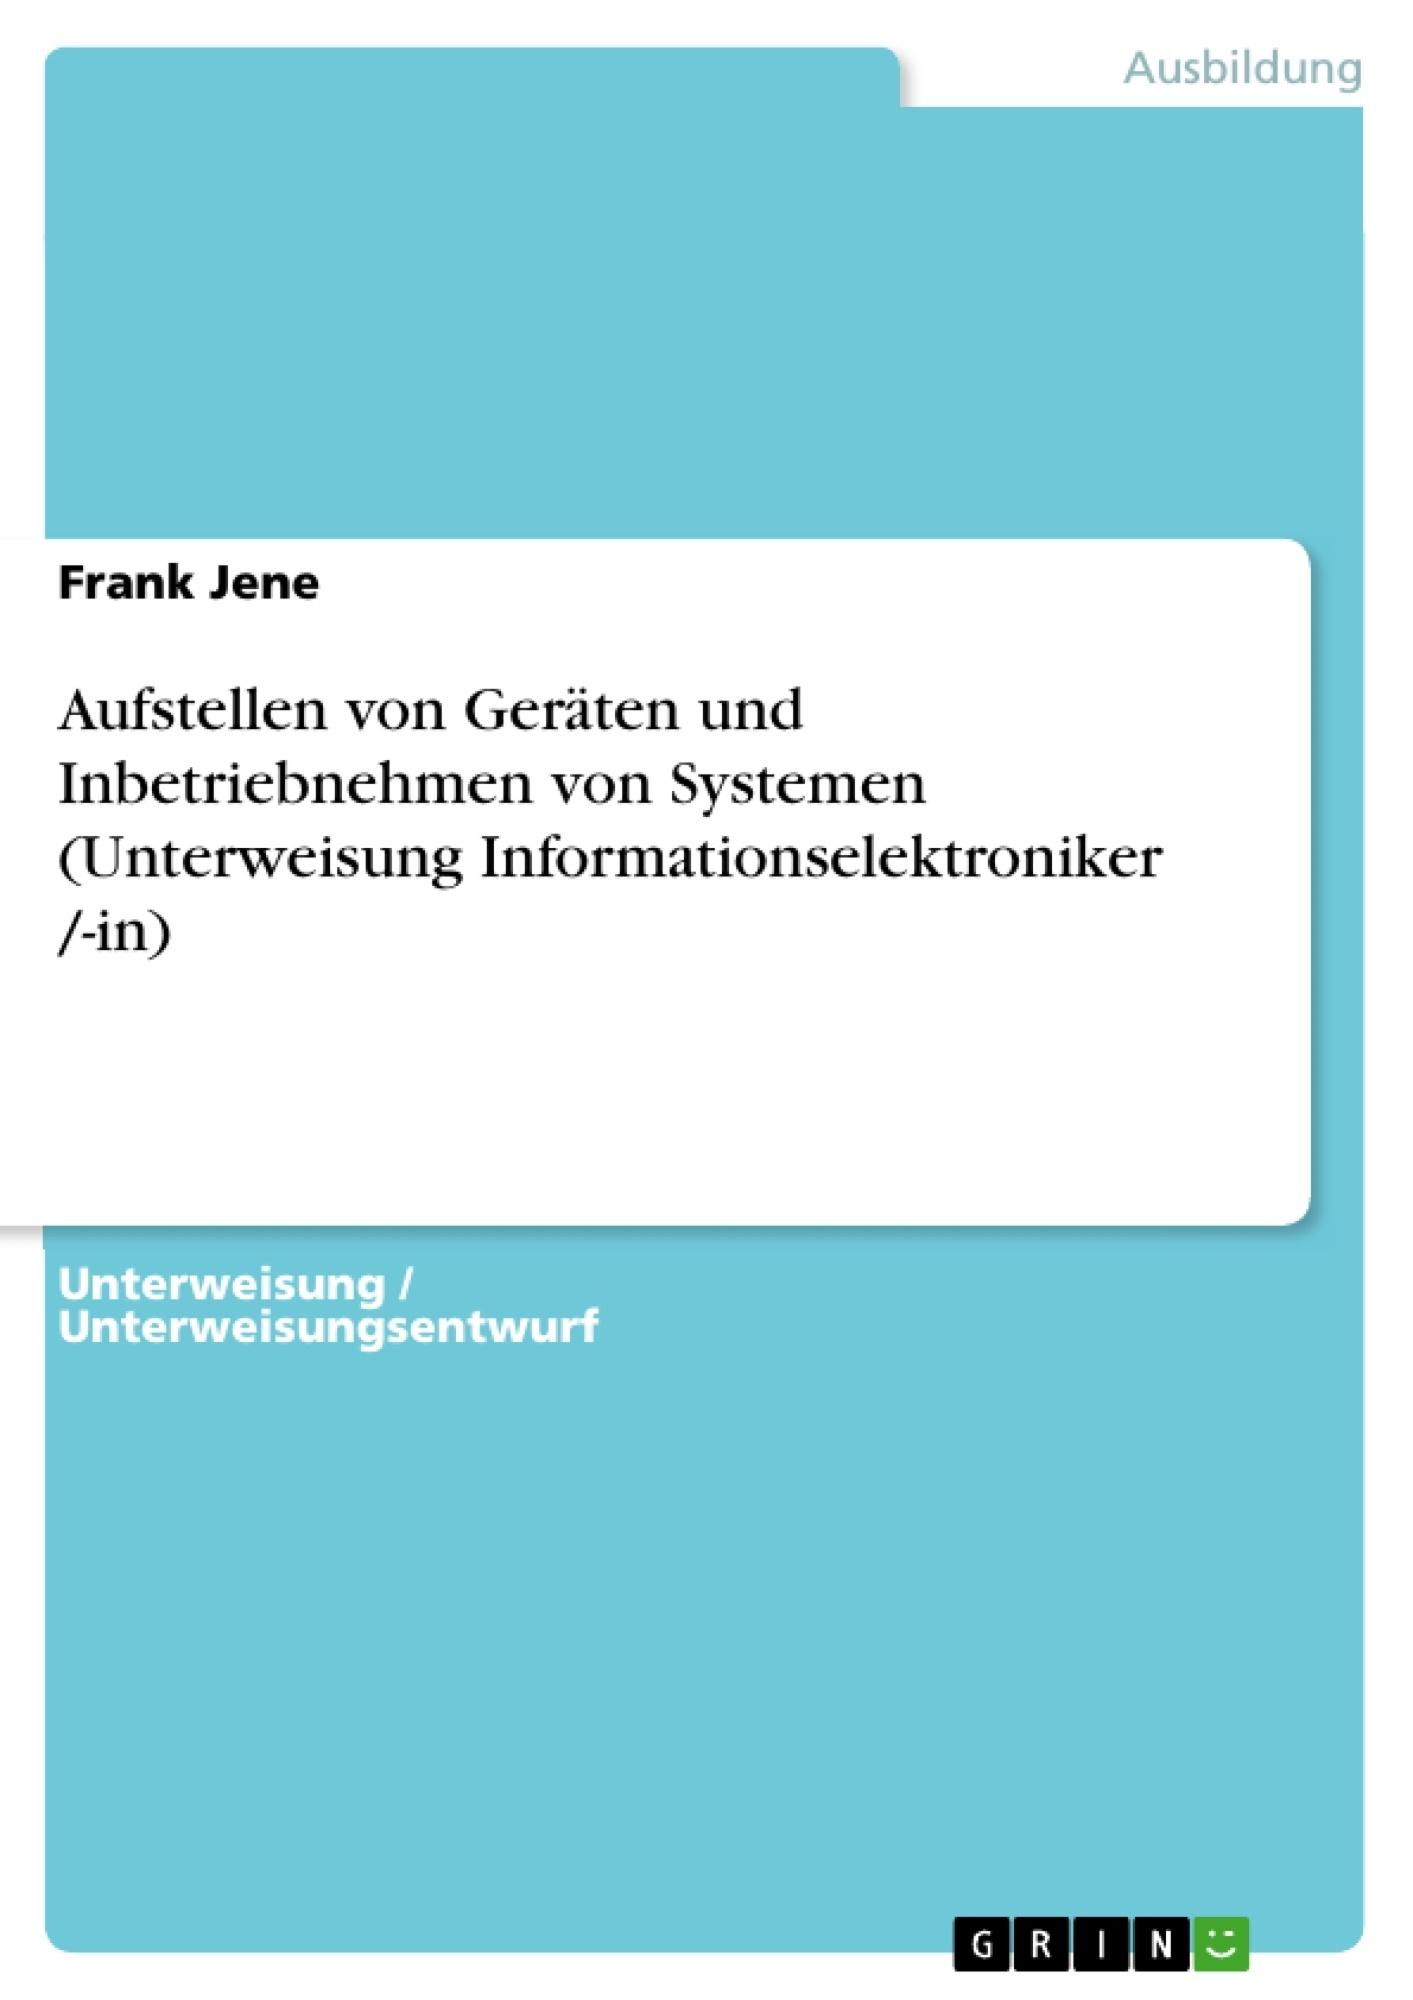 Titel: Aufstellen von Geräten und Inbetriebnehmen von Systemen (Unterweisung Informationselektroniker /-in)